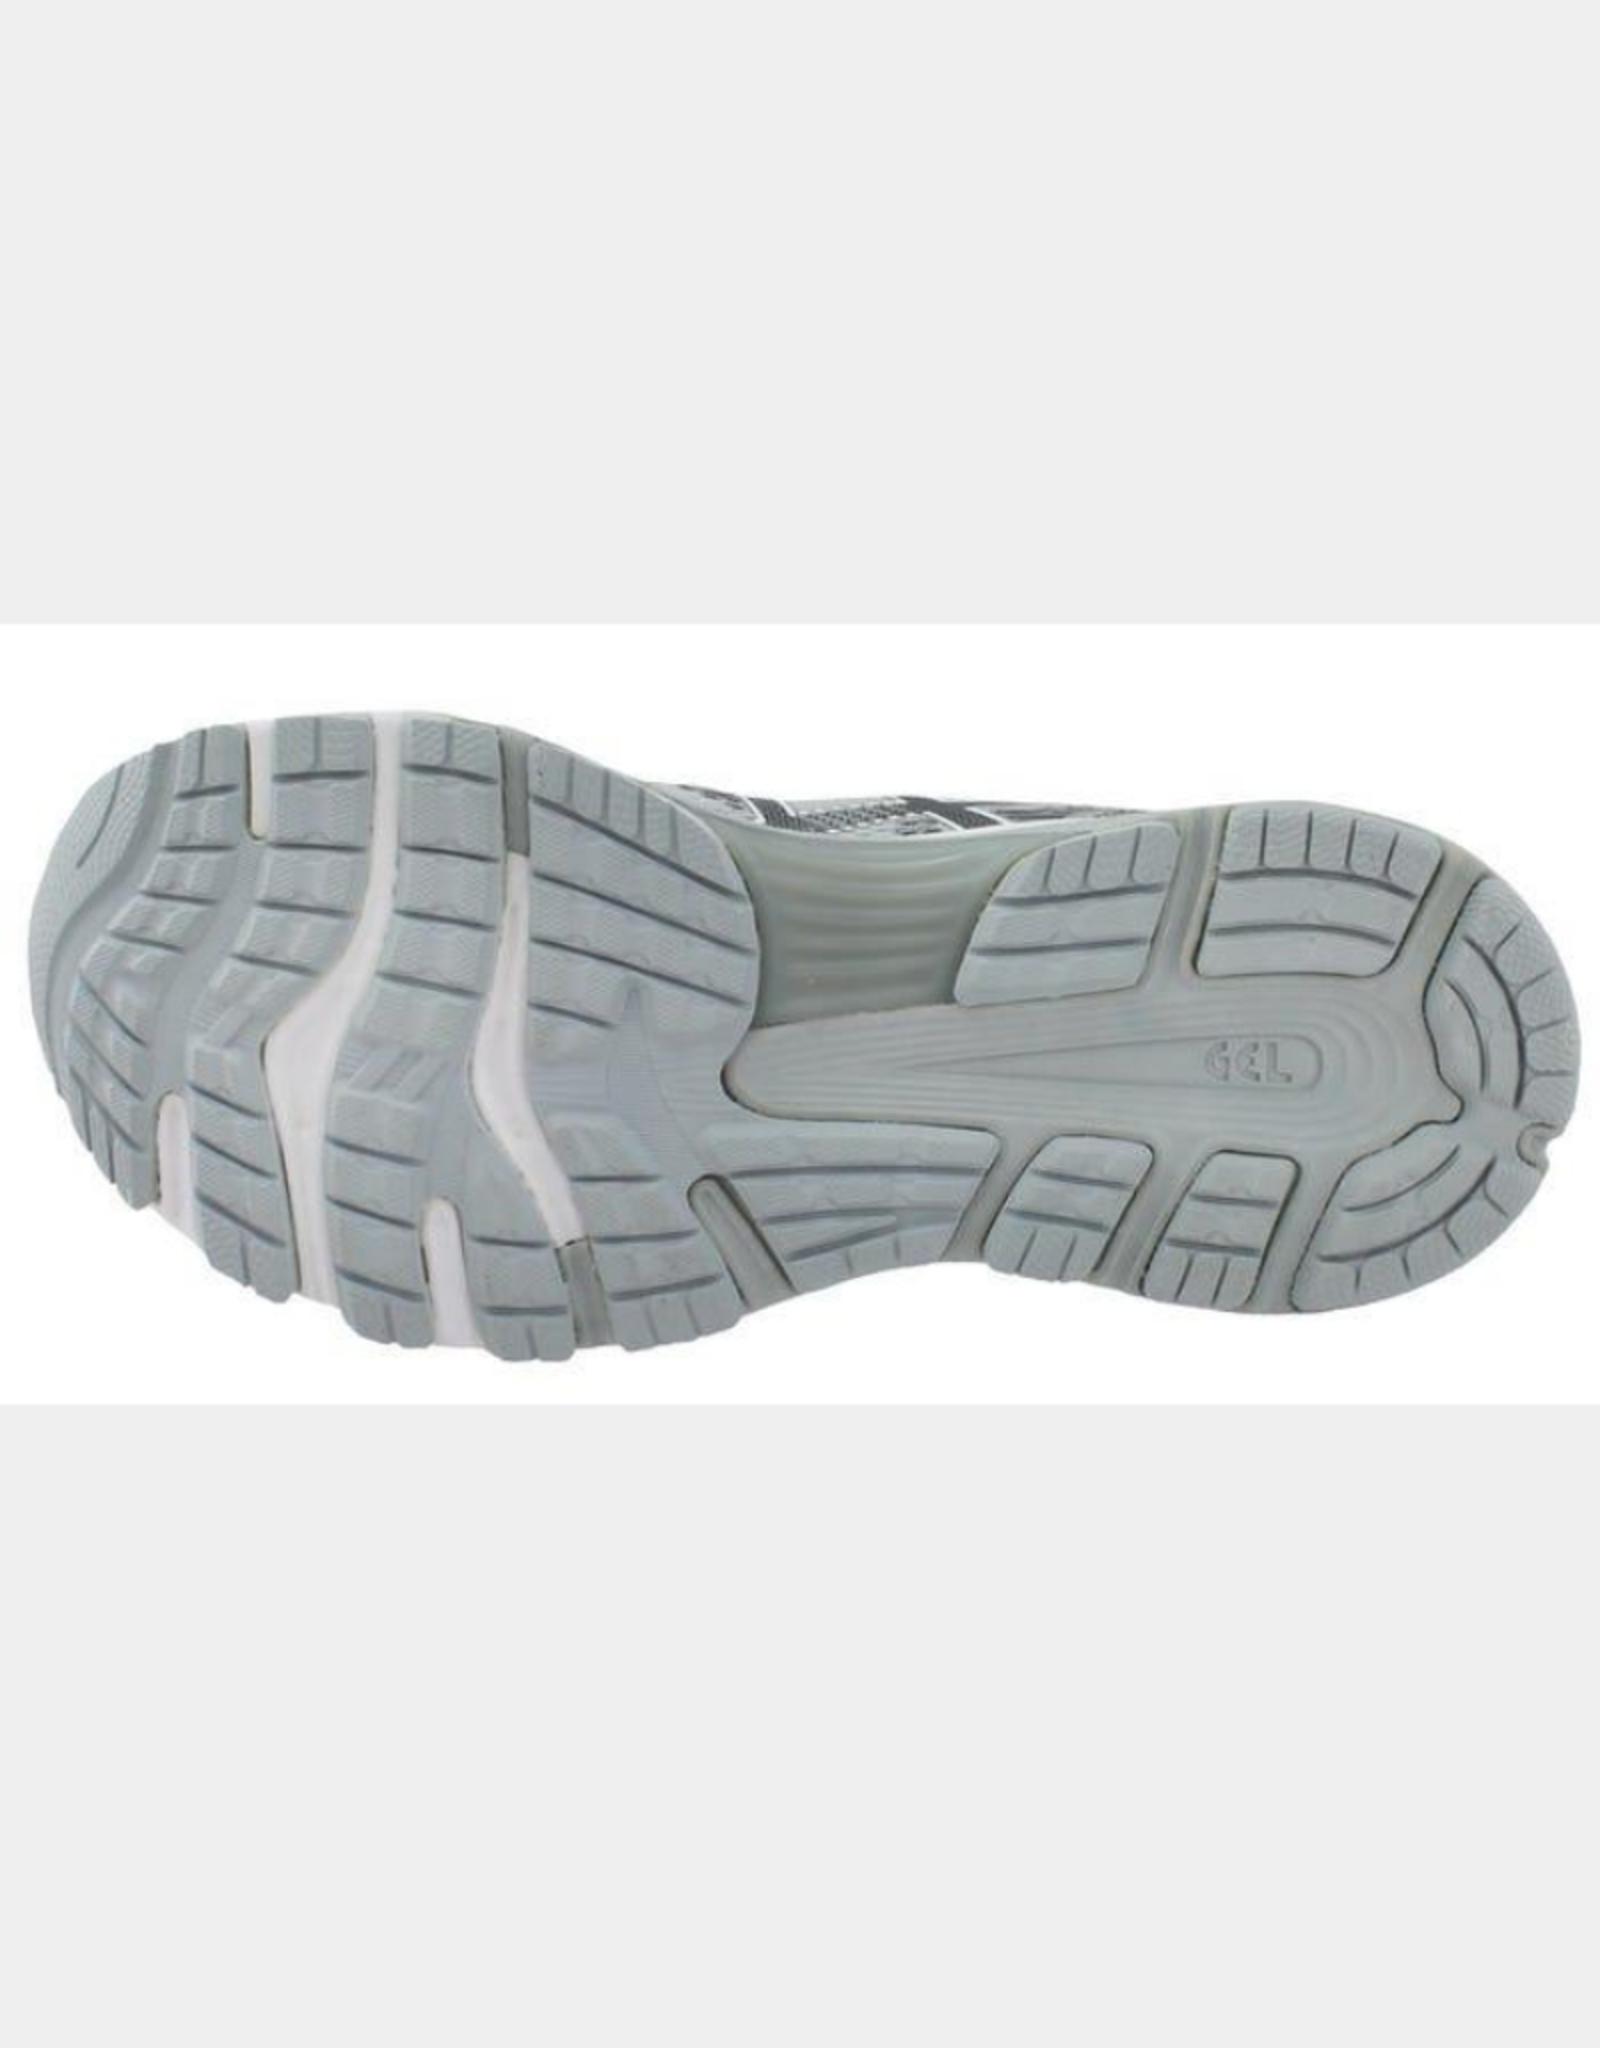 ASICS GEL-Nimbus 21  Mid Grey/Silver